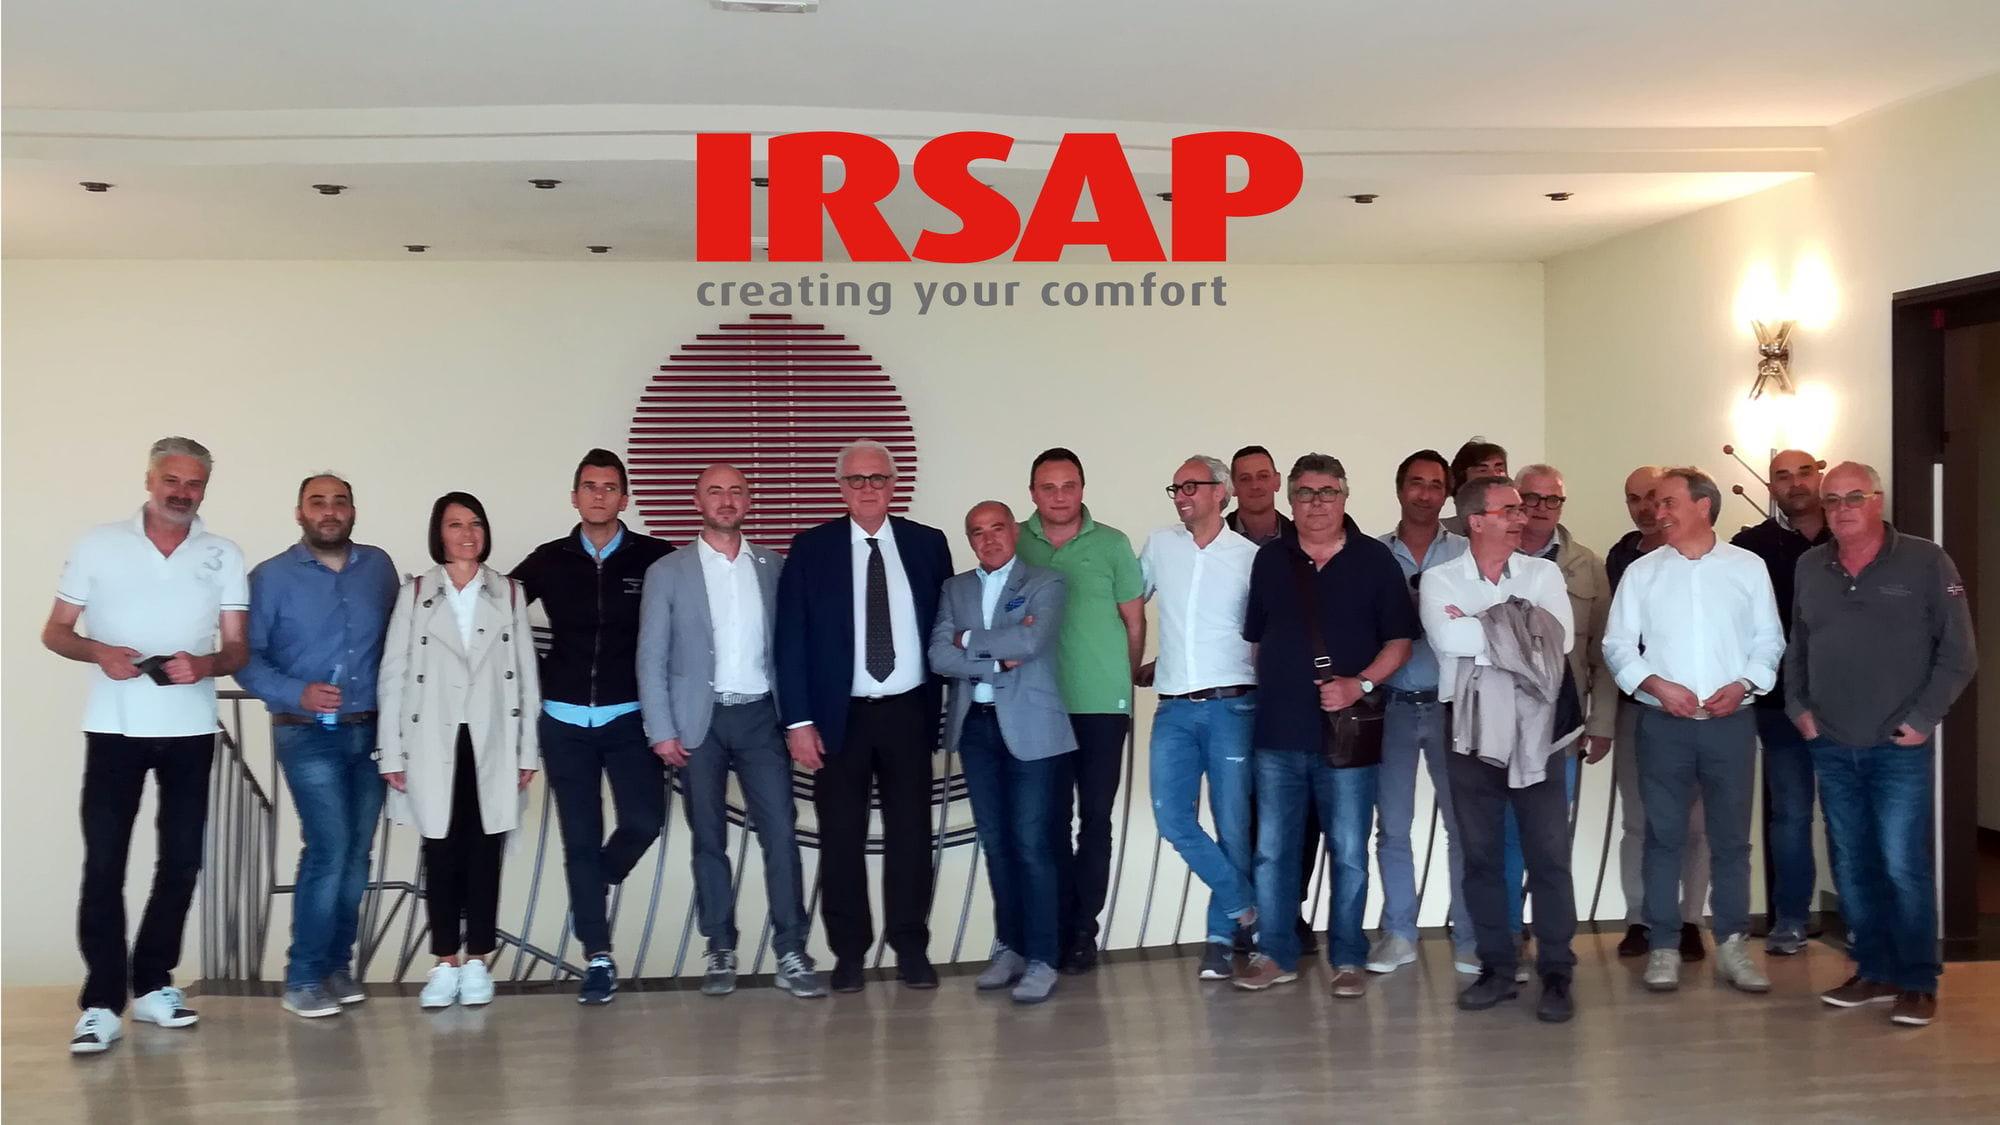 IRSAP S.p.a. - Termoarredo ®, radiatori design, radiatori elettrici ...